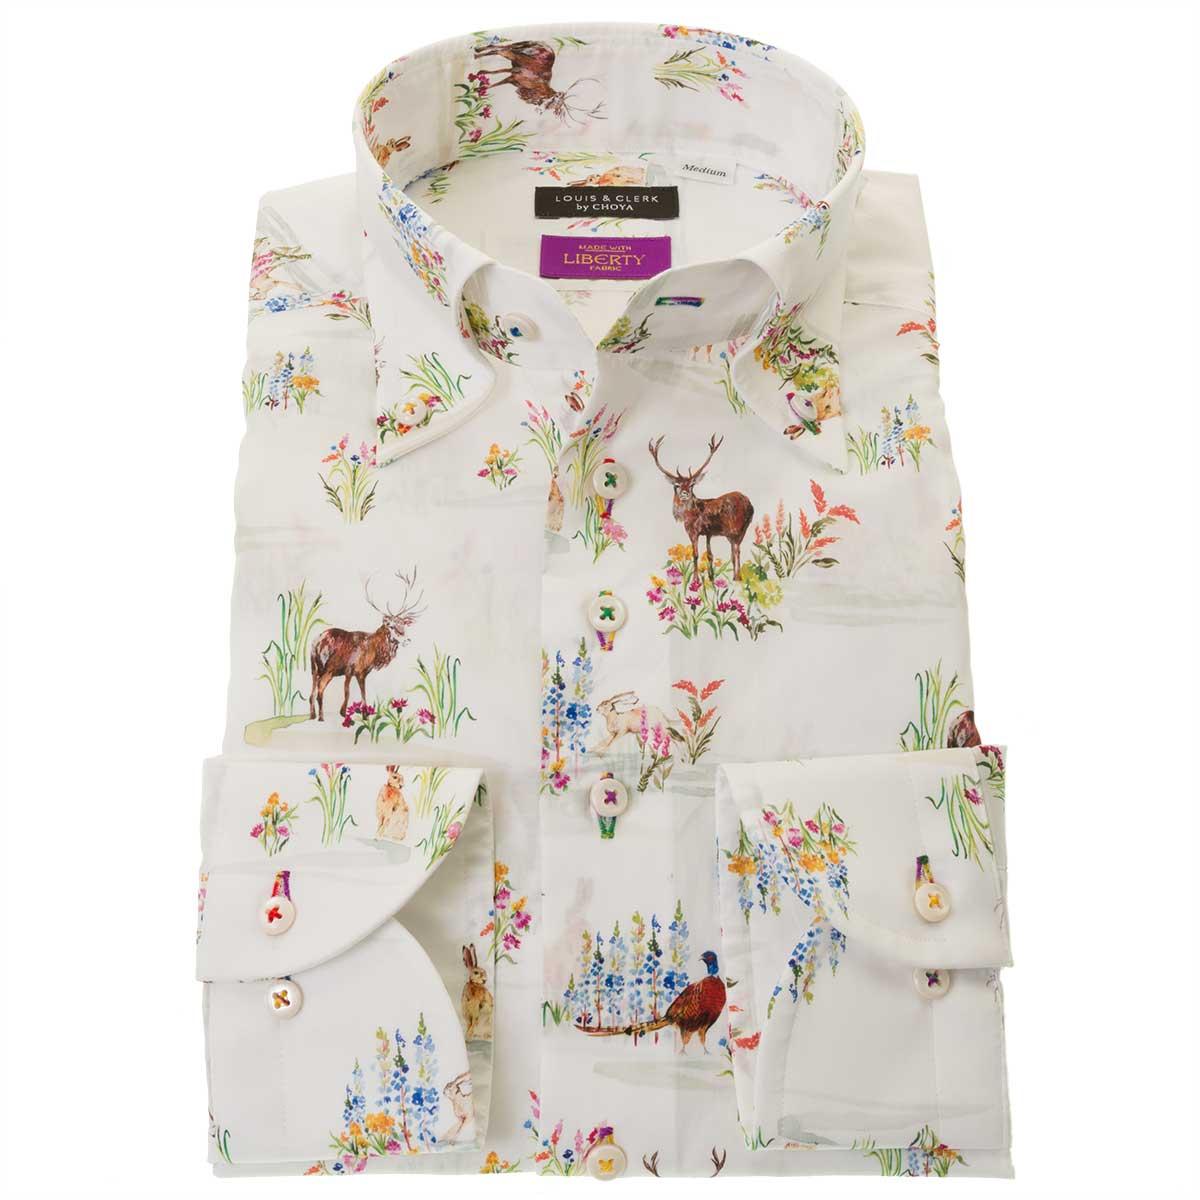 シャツを着ていると旅行気分 買い取り リバティプリント タナローン 国産長袖綿100%ドレスシャツ コンフォート ボタンダウン 胸ポケット無 リバティトラベル ハイランドメドゥ 2109_rld ついに再販開始 ホワイト OUTLETS メンズ